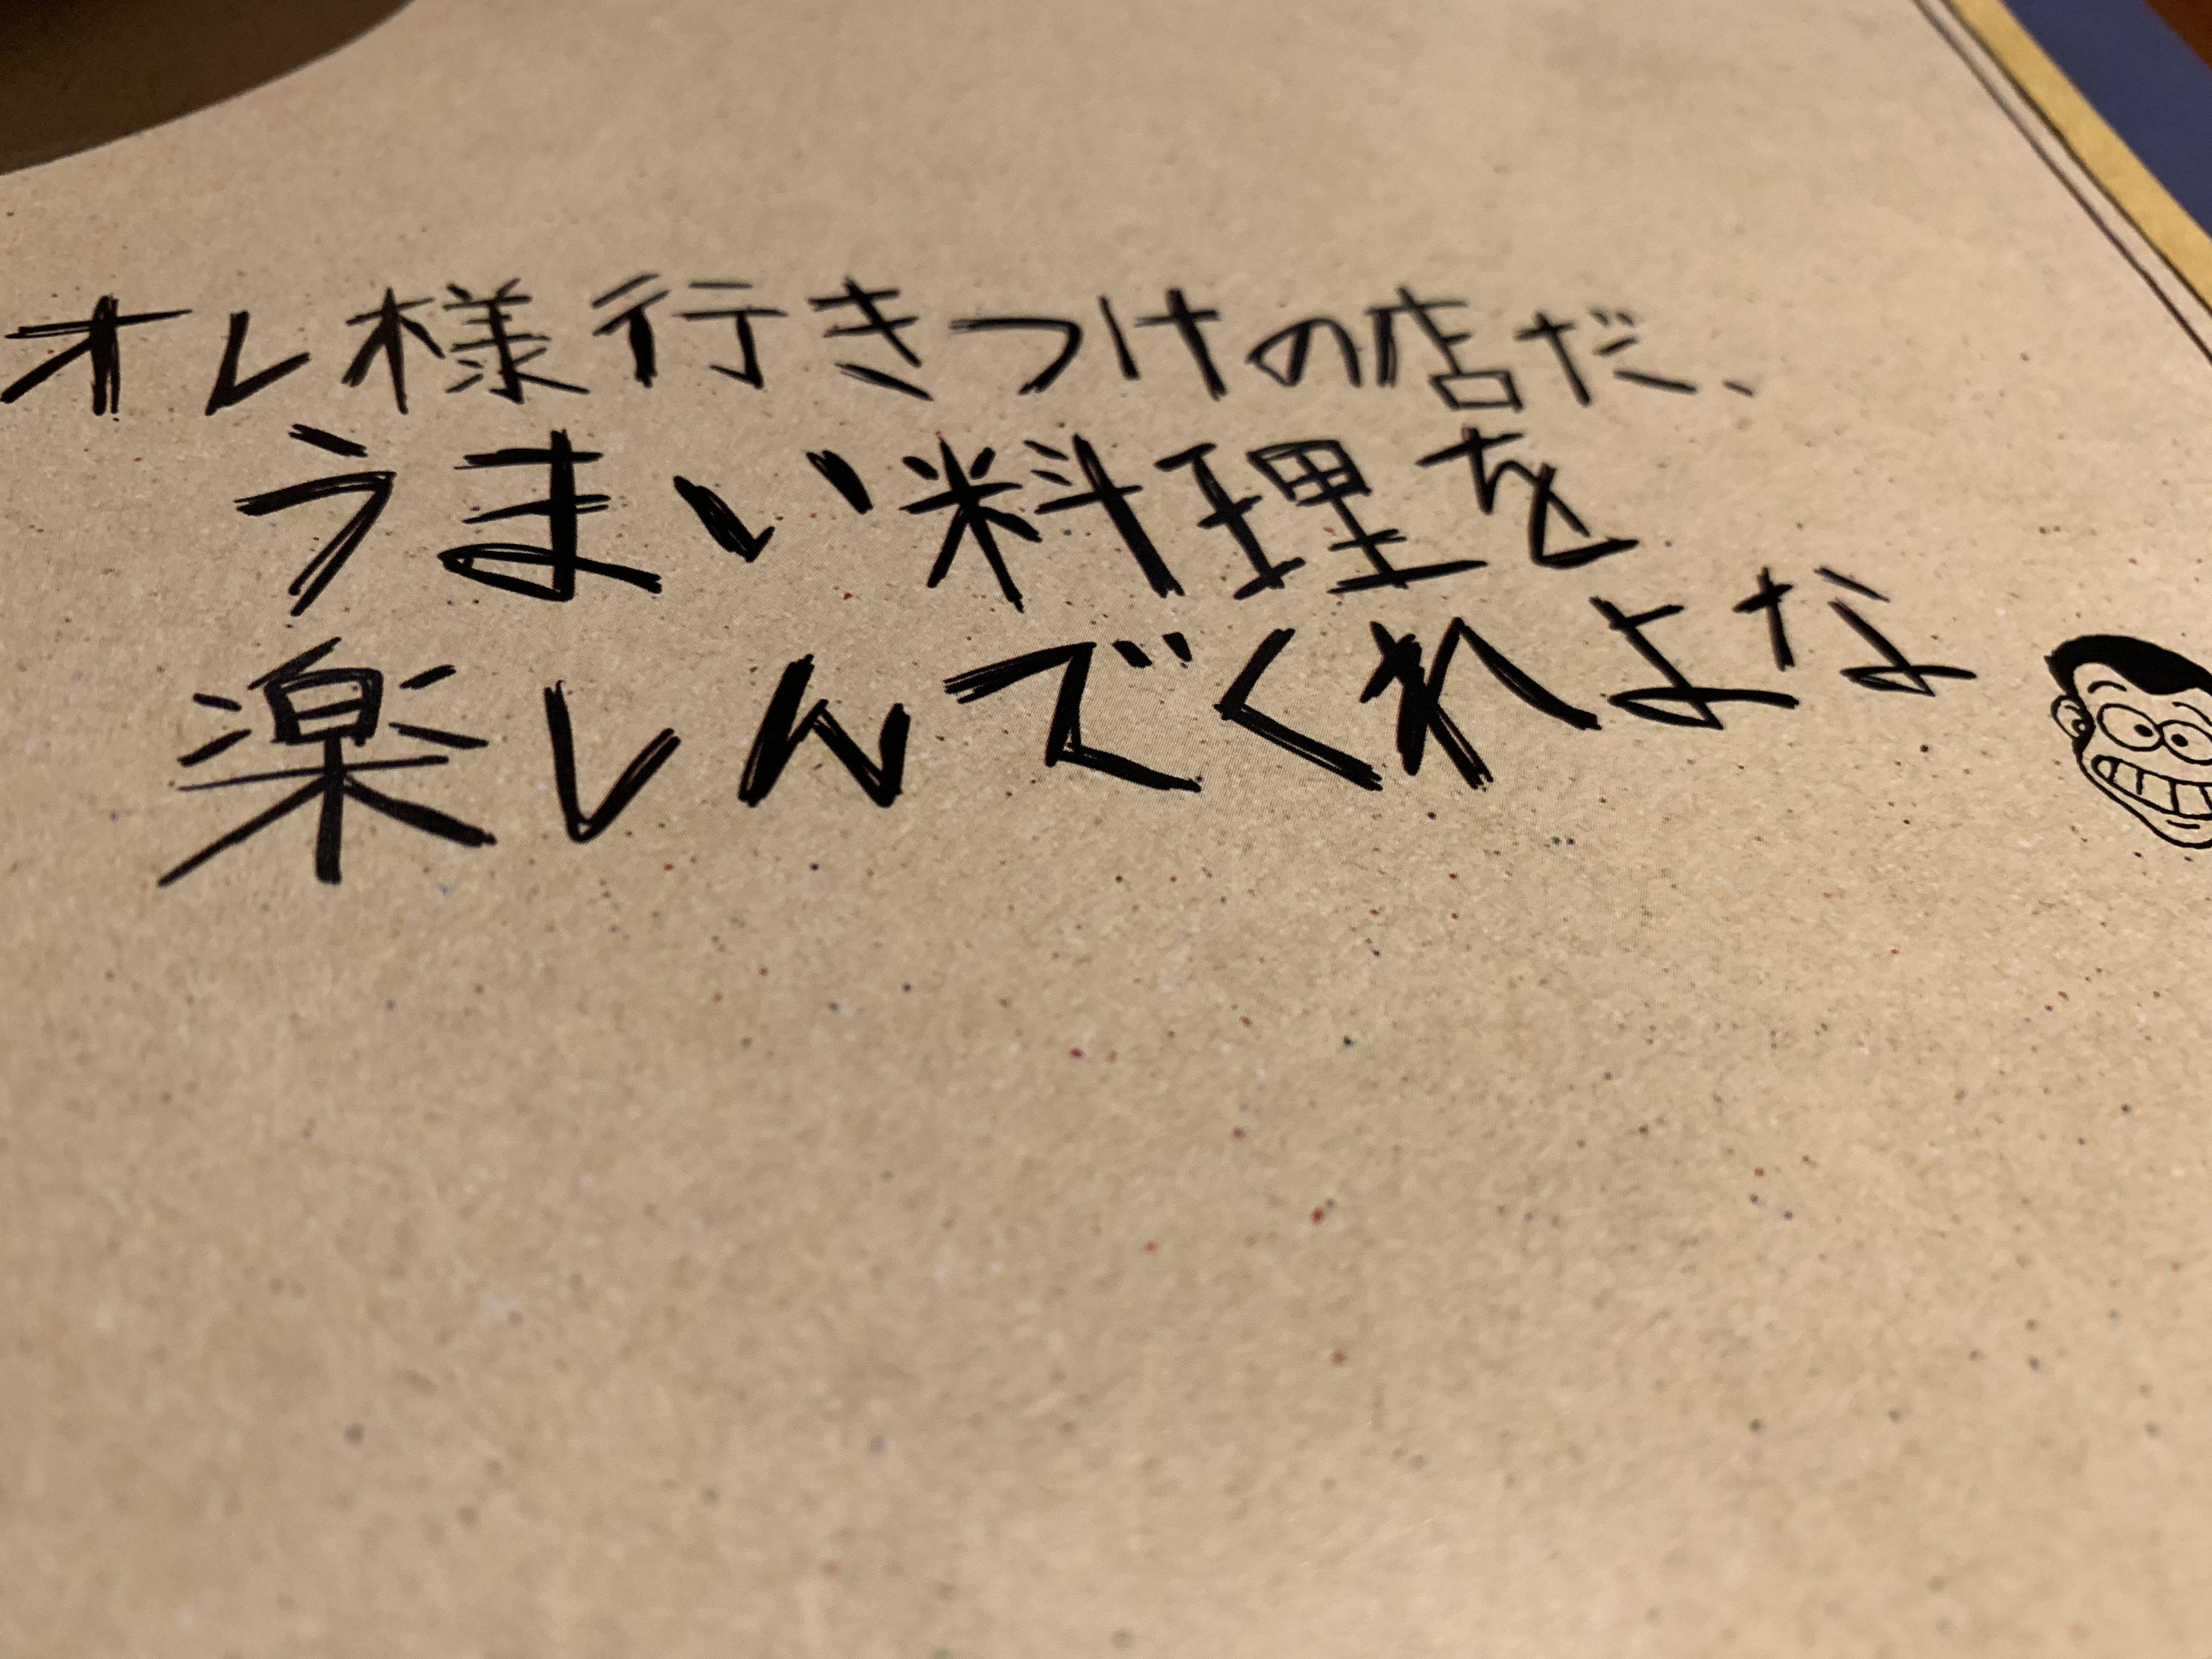 01/31のツイート画像